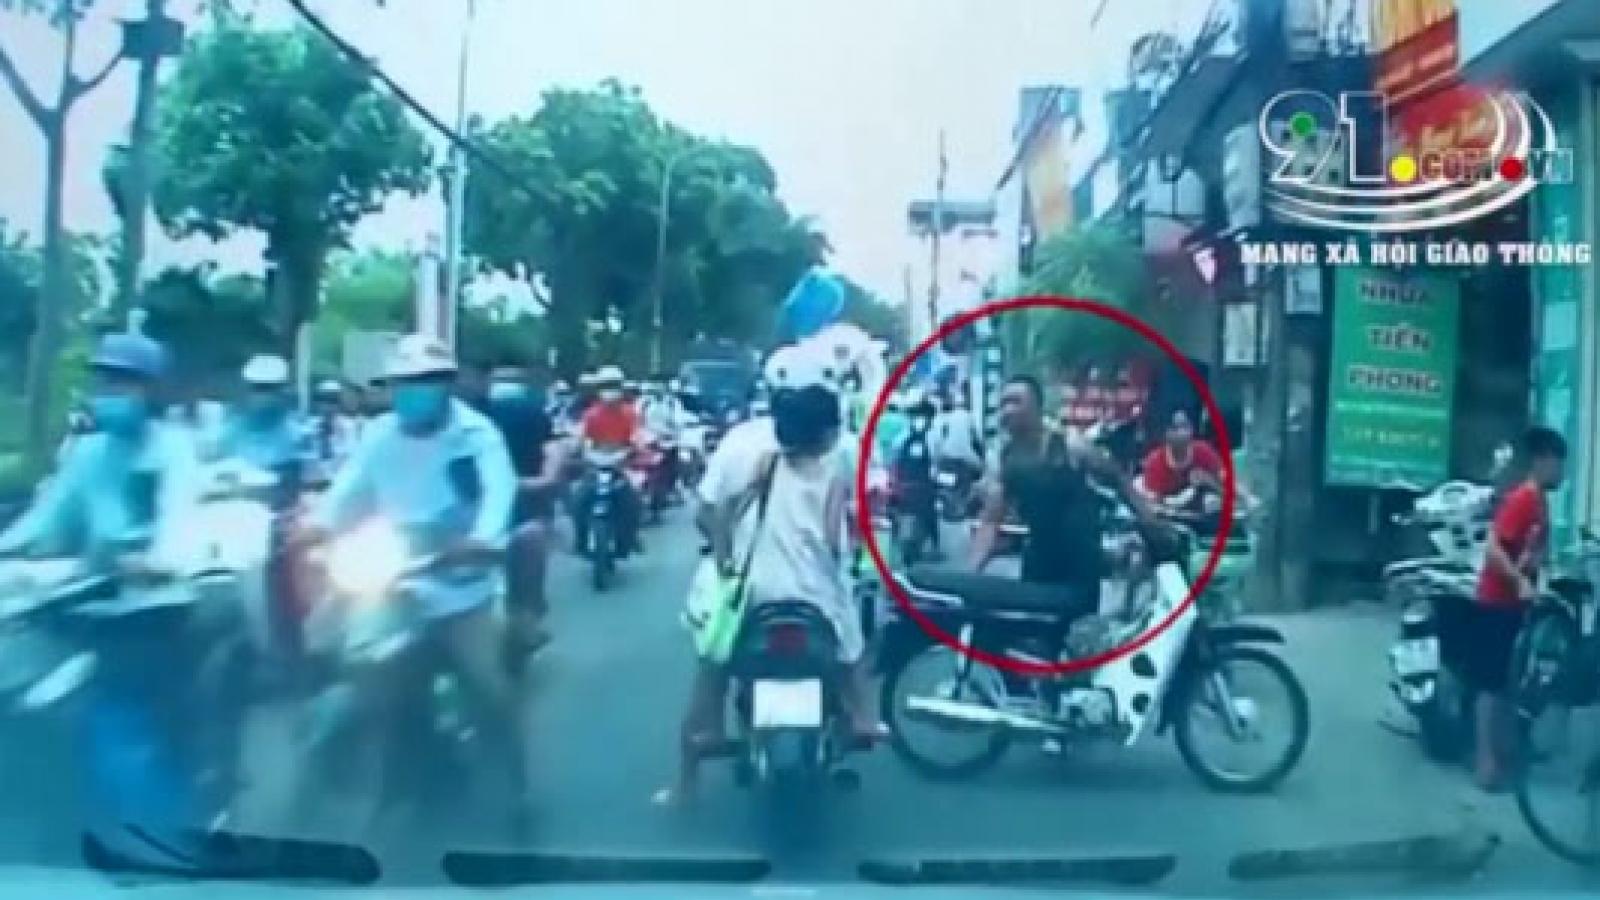 Thanh niên xăm trổ để xe máy chặn giữa đường ở Hà Nội